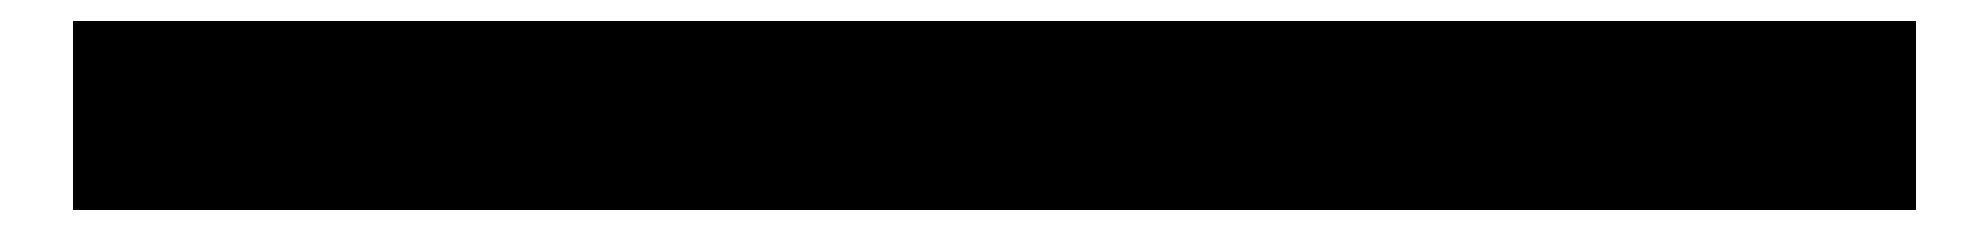 Numerootto